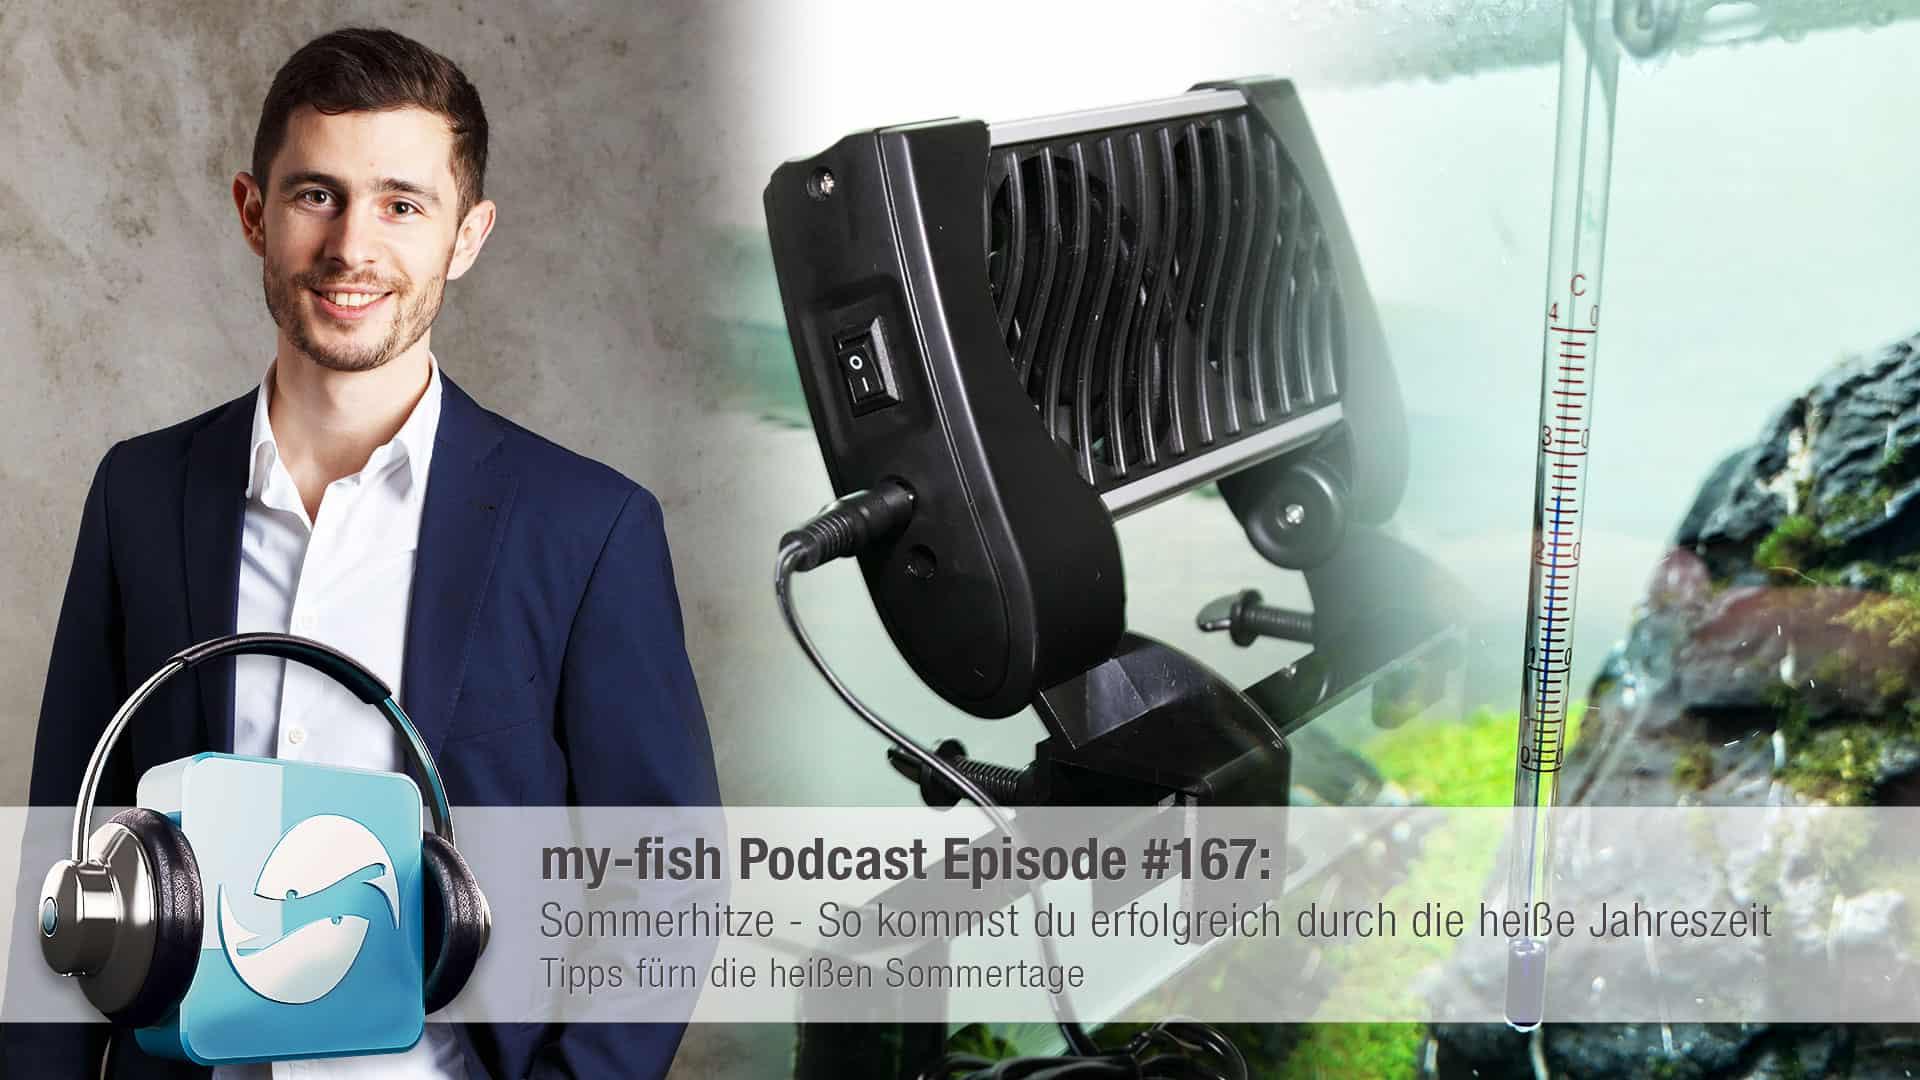 Podcast Episode #167: Sommerhitze - So kommst du erfolgreich durch die heiße Jahreszeit 1